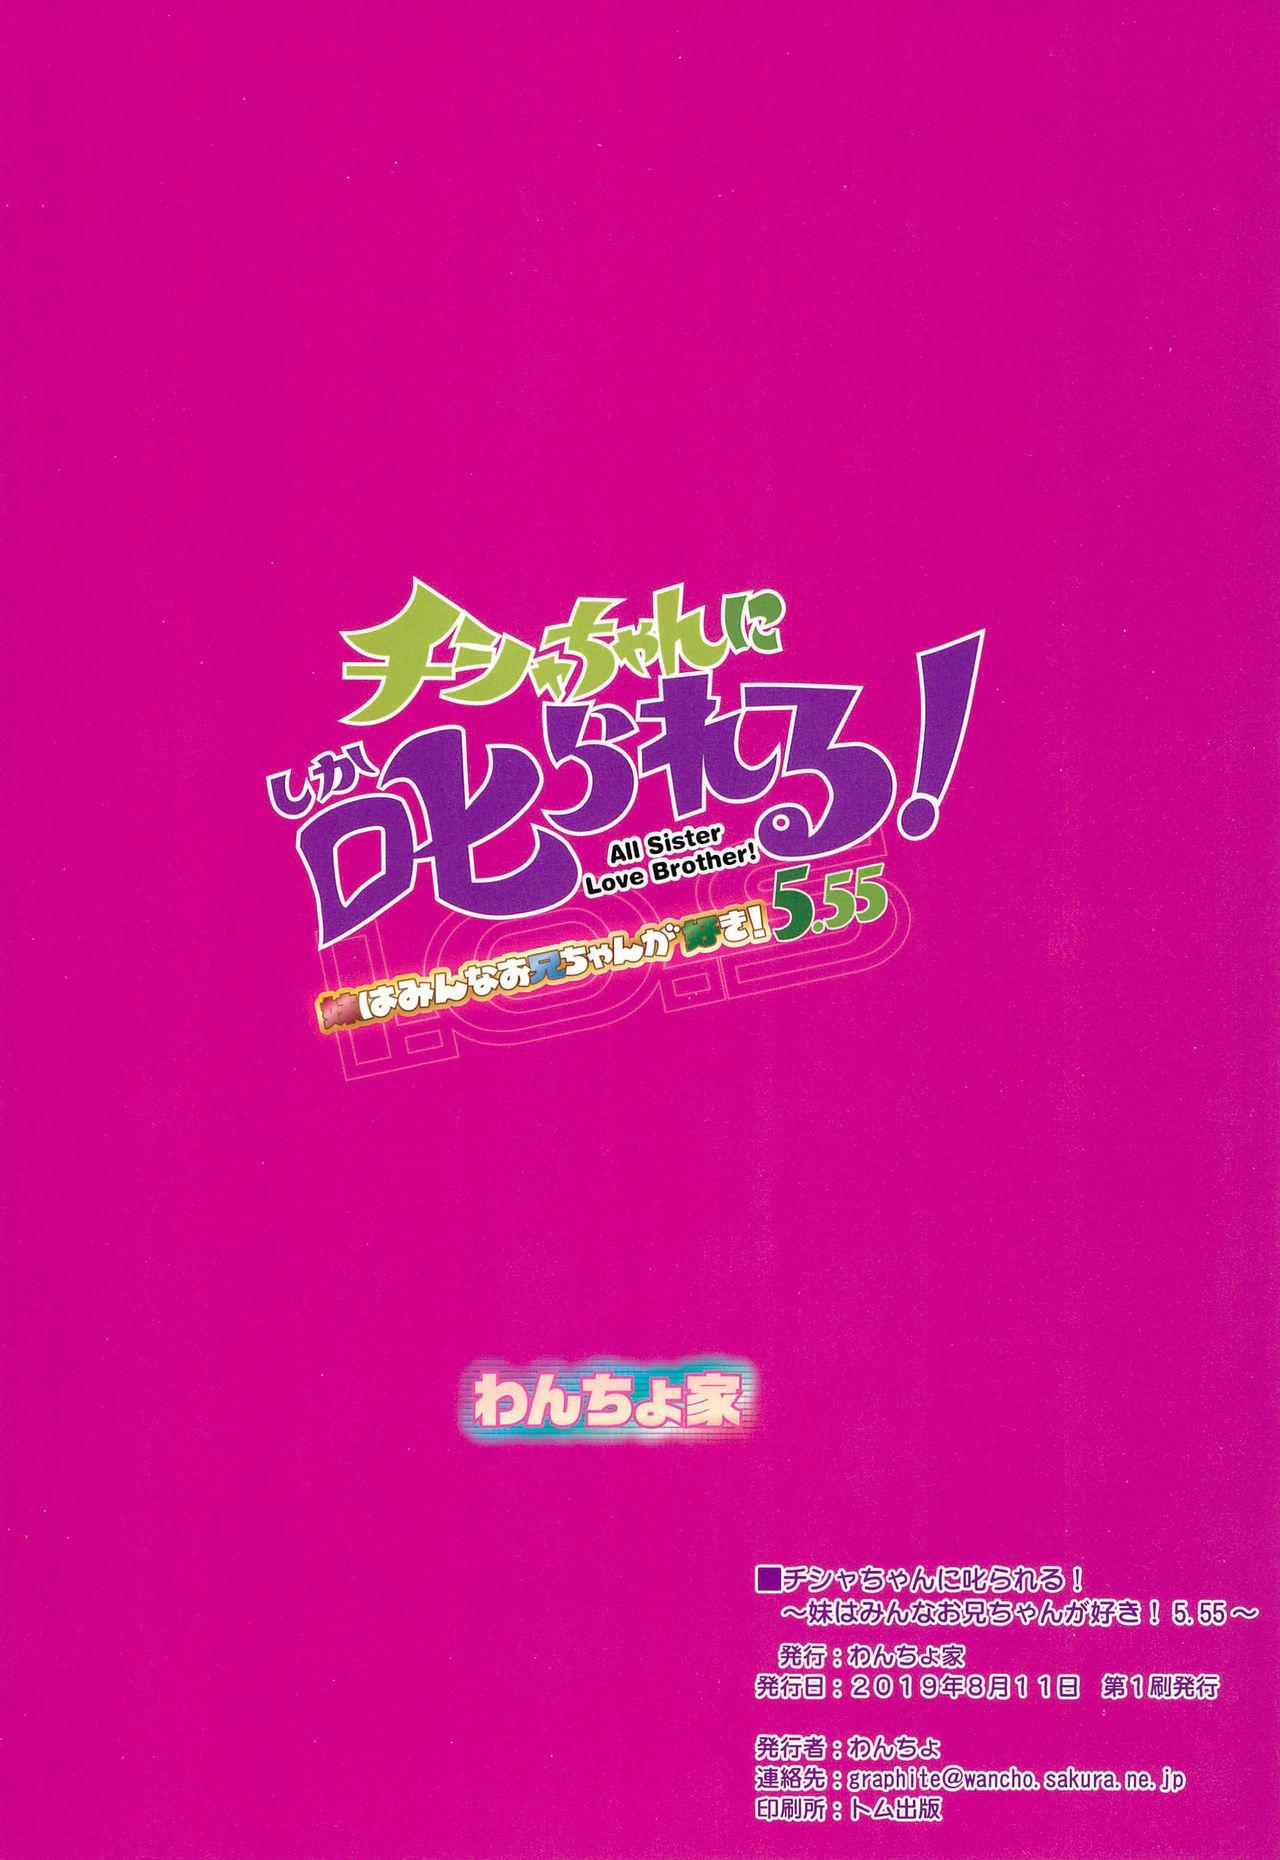 (C96) [Wancho-ke (Wancho)] Chisha-chan ni Shikarareru! Imouto wa Minna Onii-chan ga Daisuki! 5.55 23